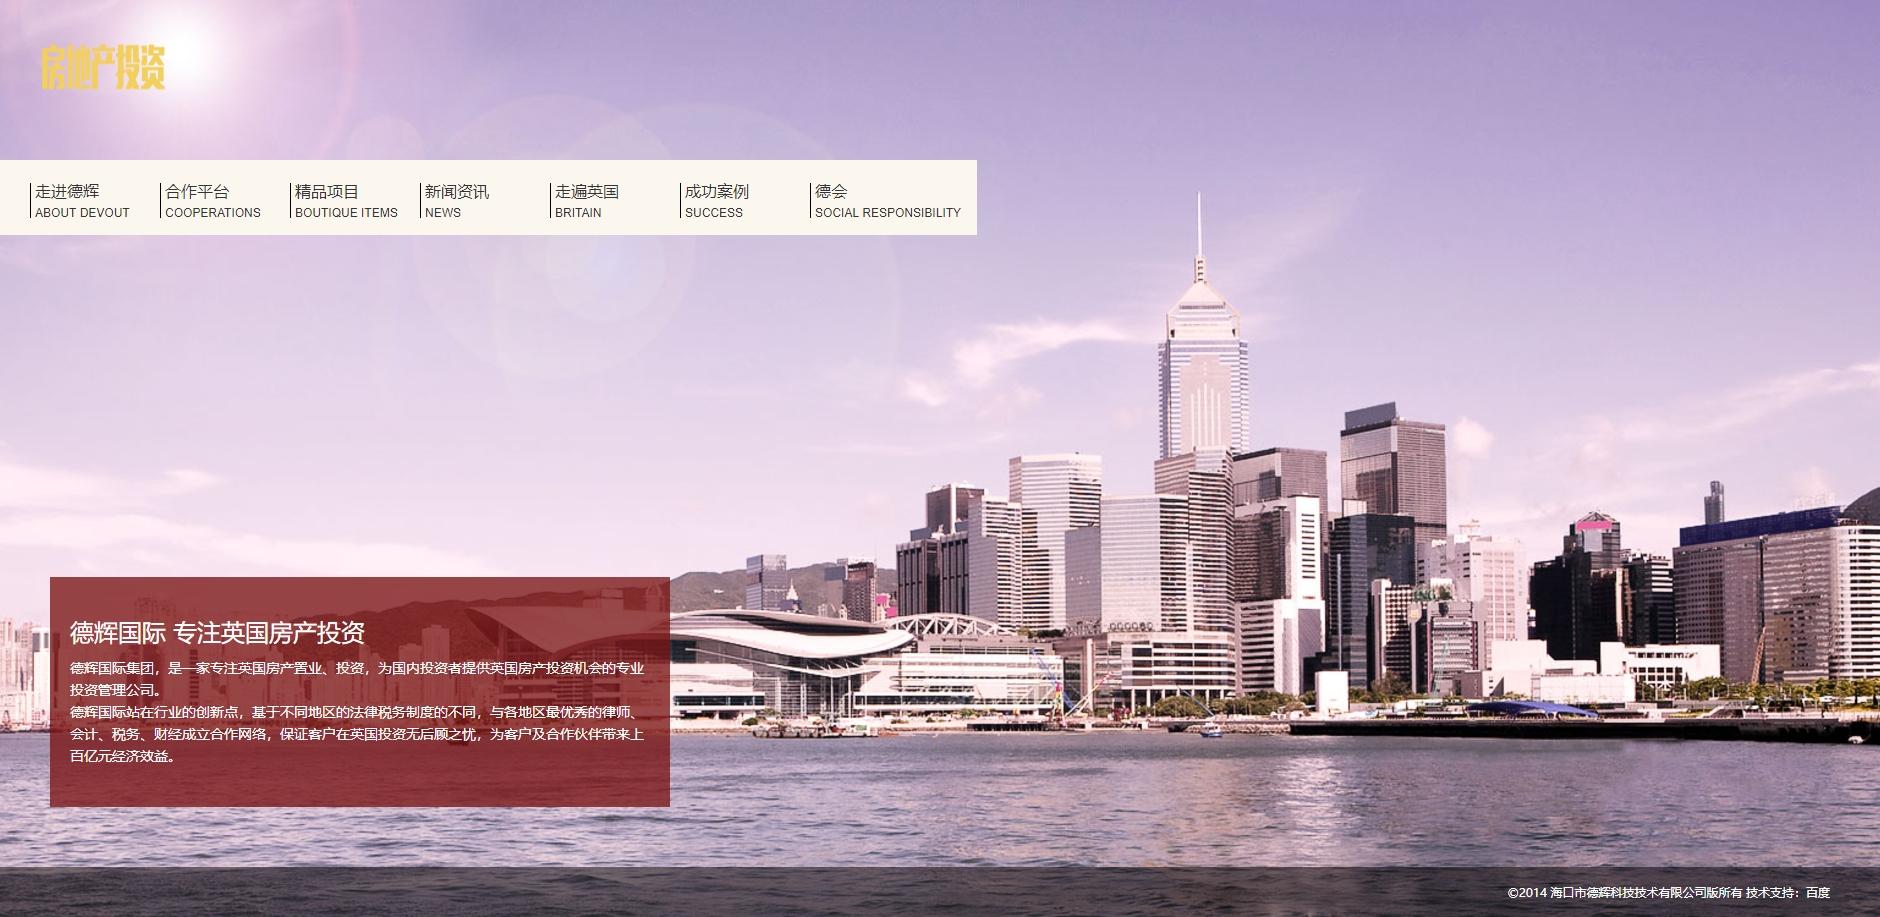 大气宽屏房地产投资管理类企业织梦dedecms模板